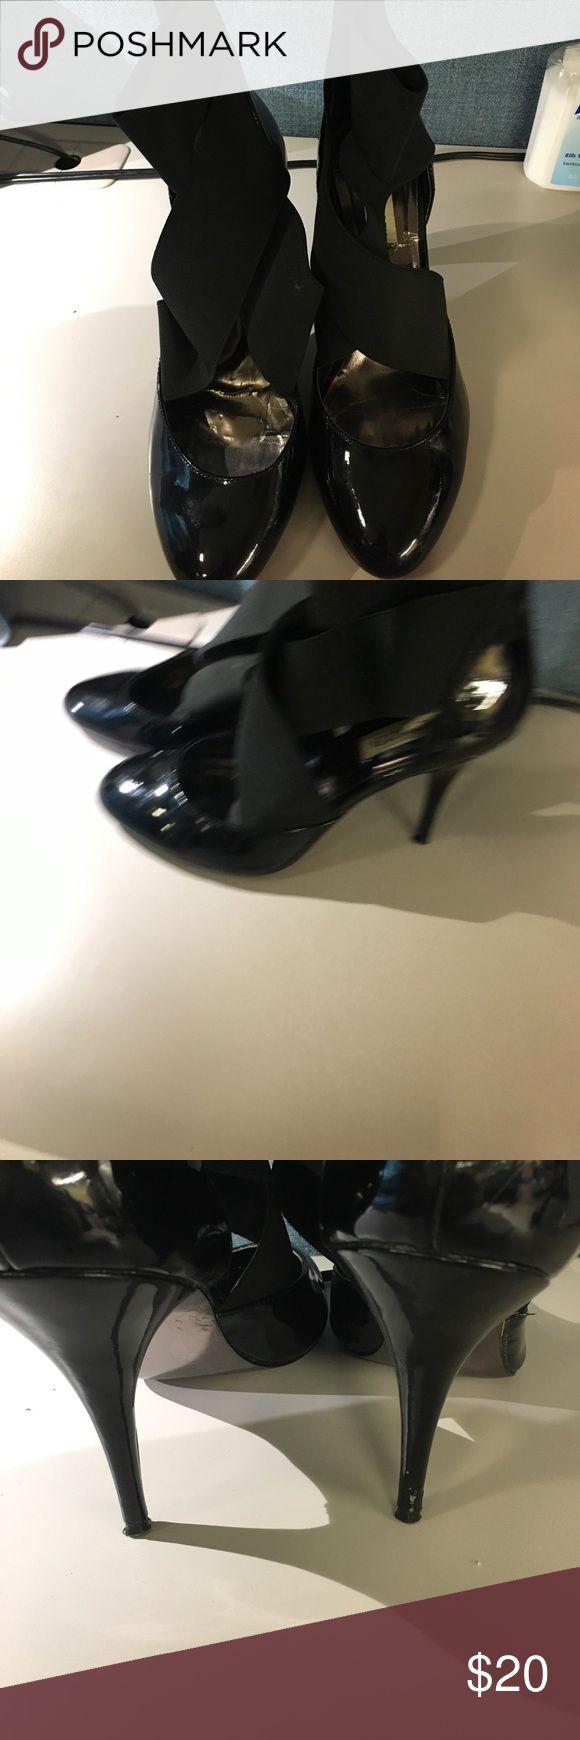 Steve Madden ballerina pumps Cleaning out closet make an offer Steve Madden Shoes Heels